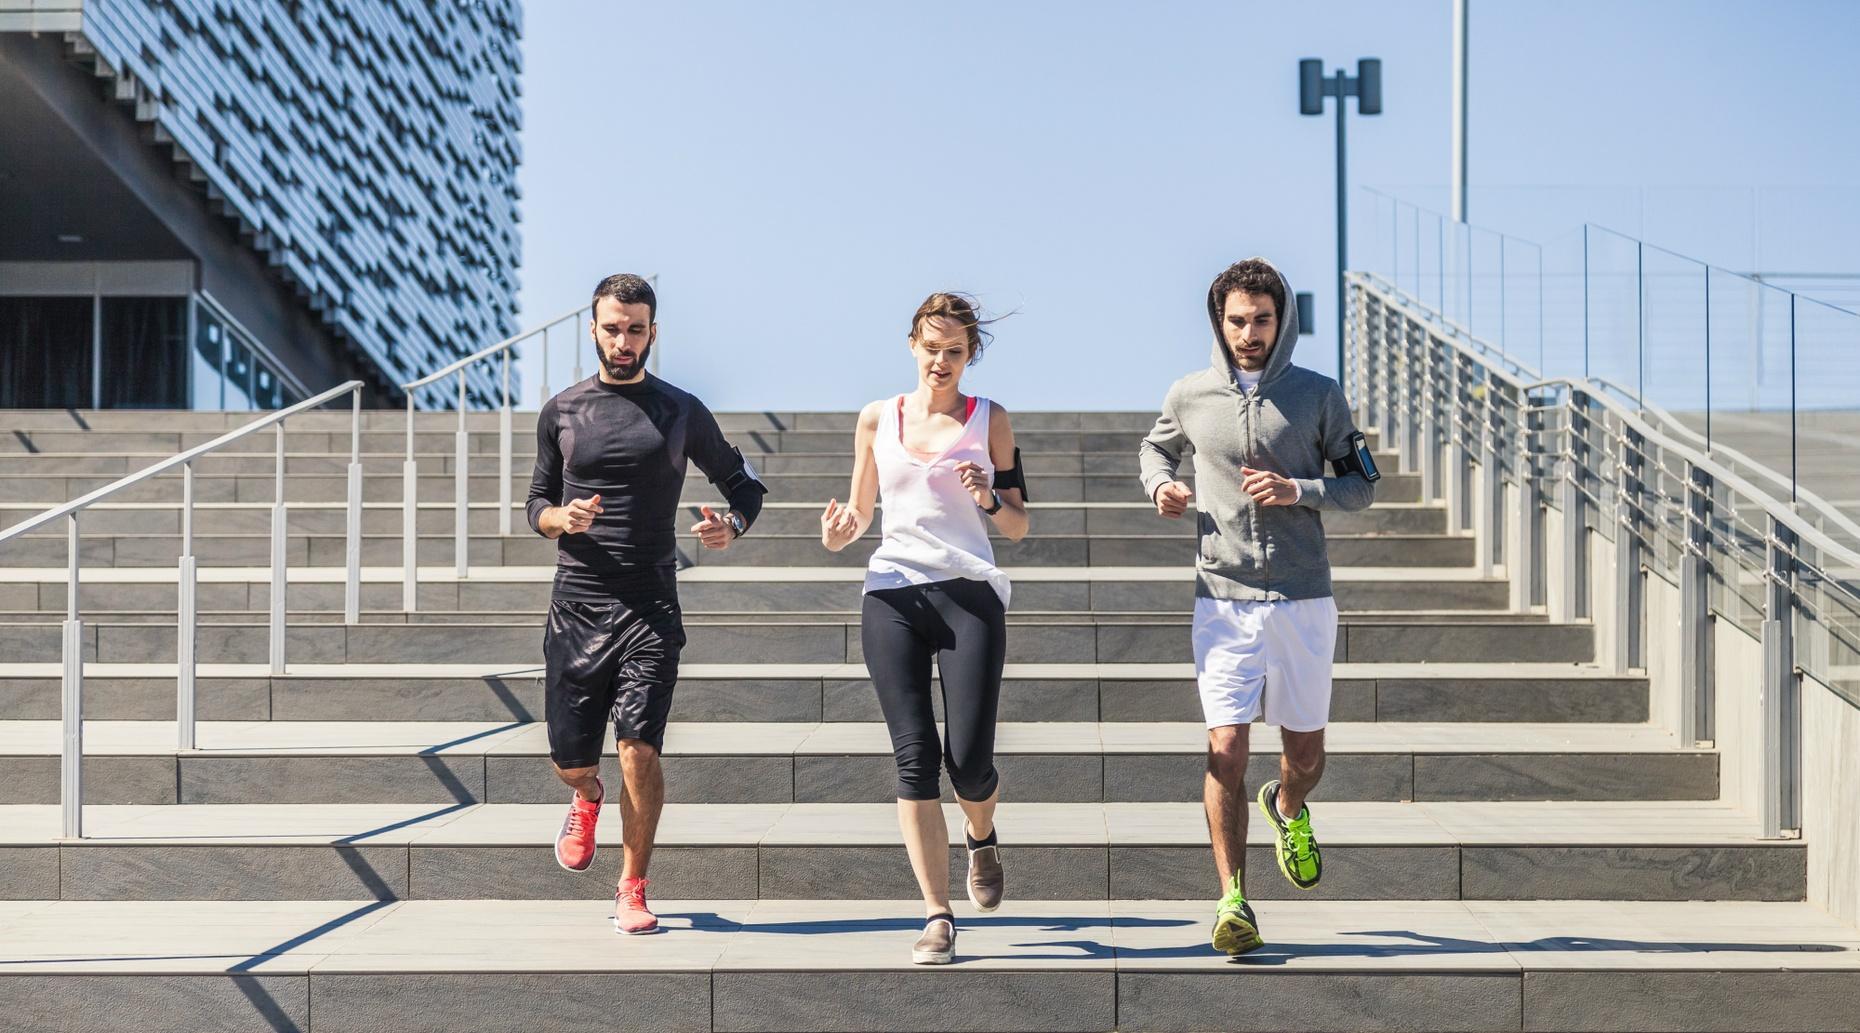 Music-Themed Toronto Running Tour